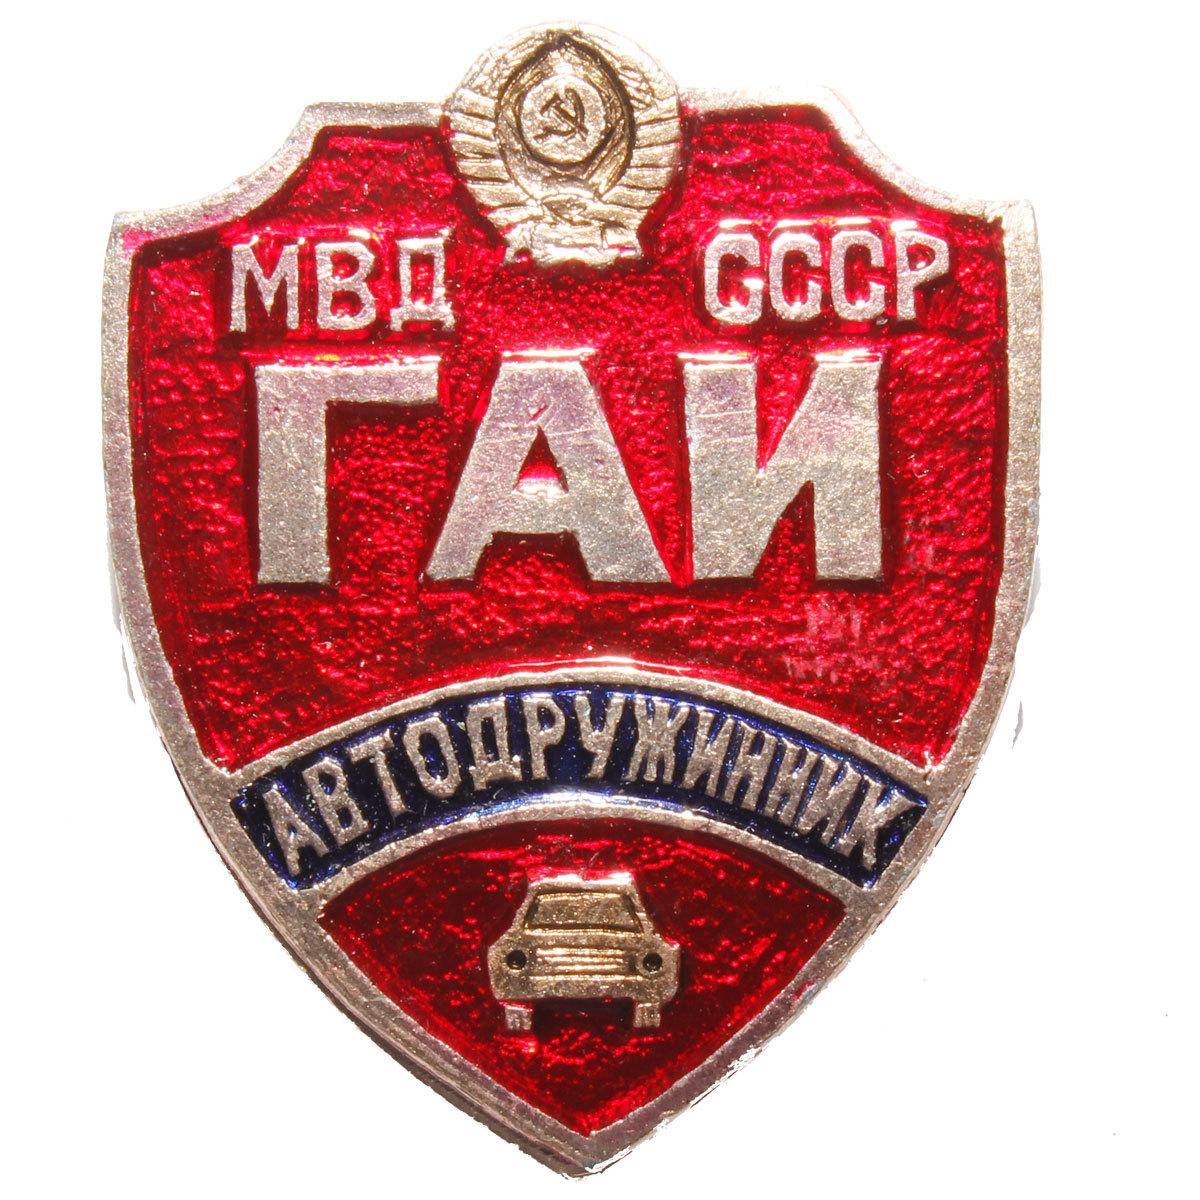 Знак МВД СССР ГАИ автодружинник AU. Разновидность - на толстой заготовке